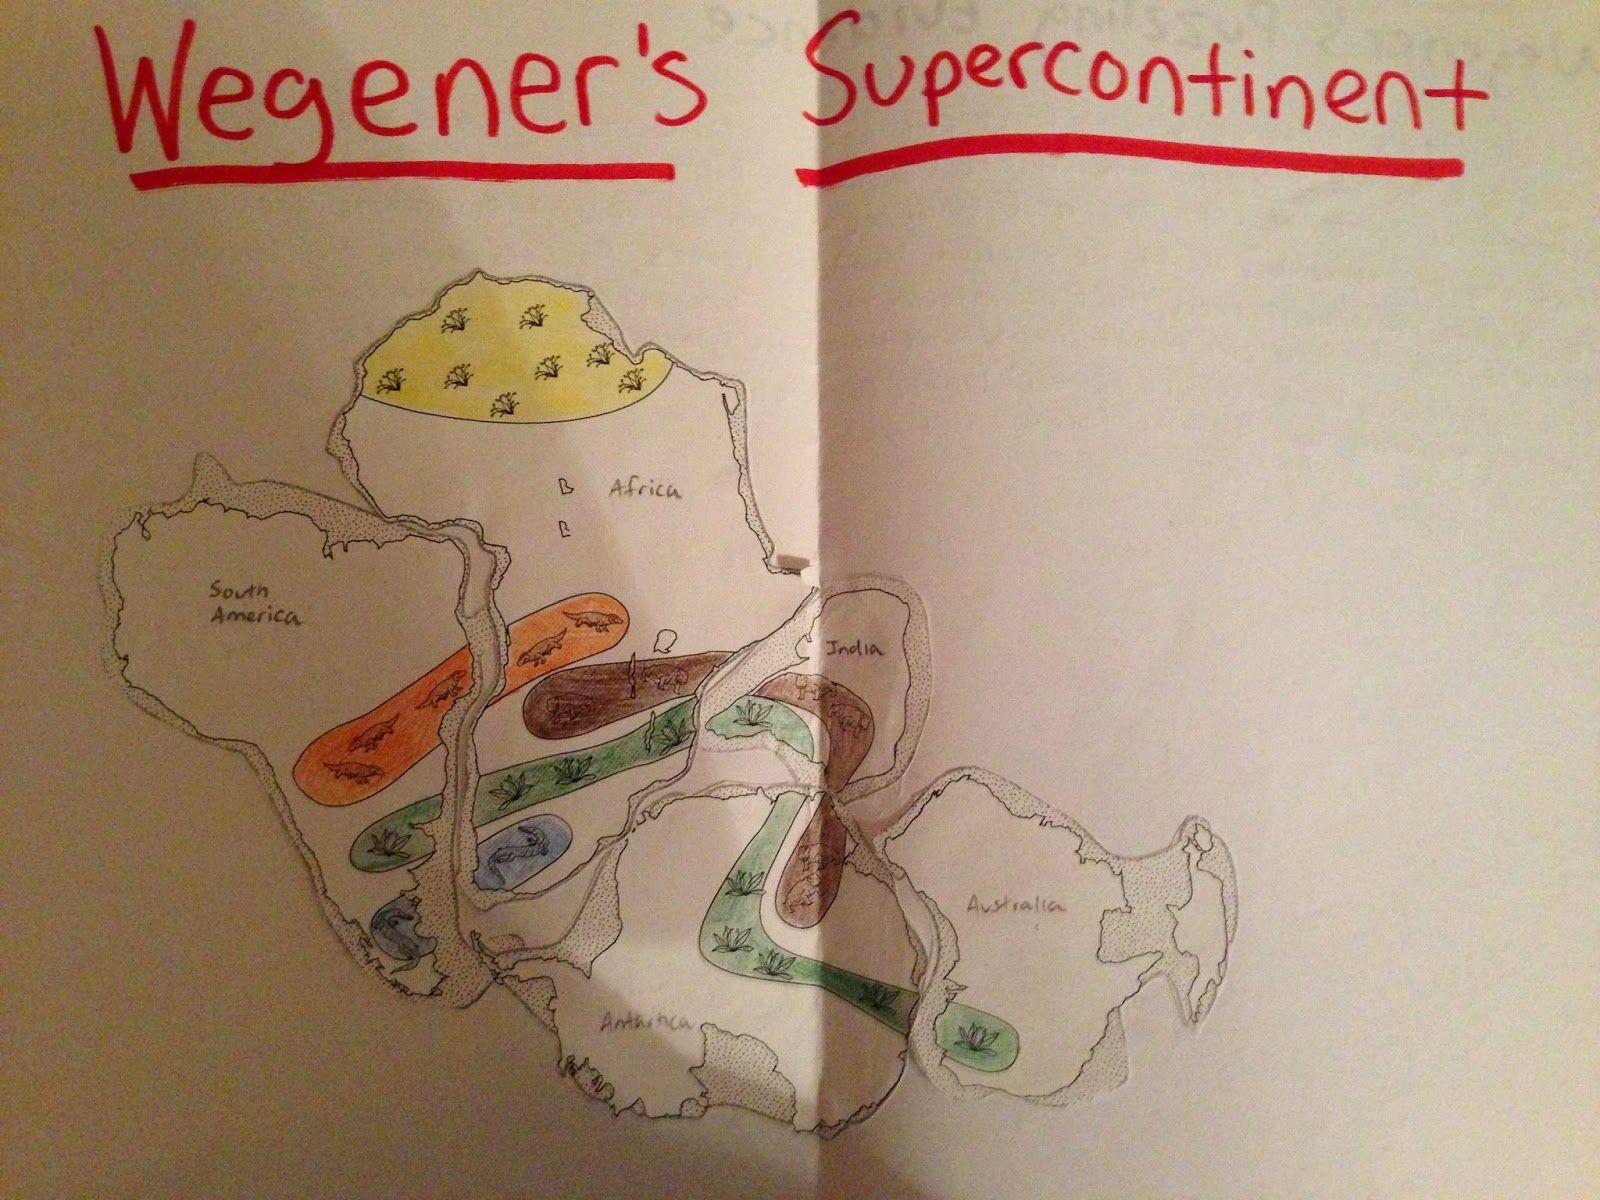 Wegener S Puzzling Evidence 8th Grade Science Lesson Plan